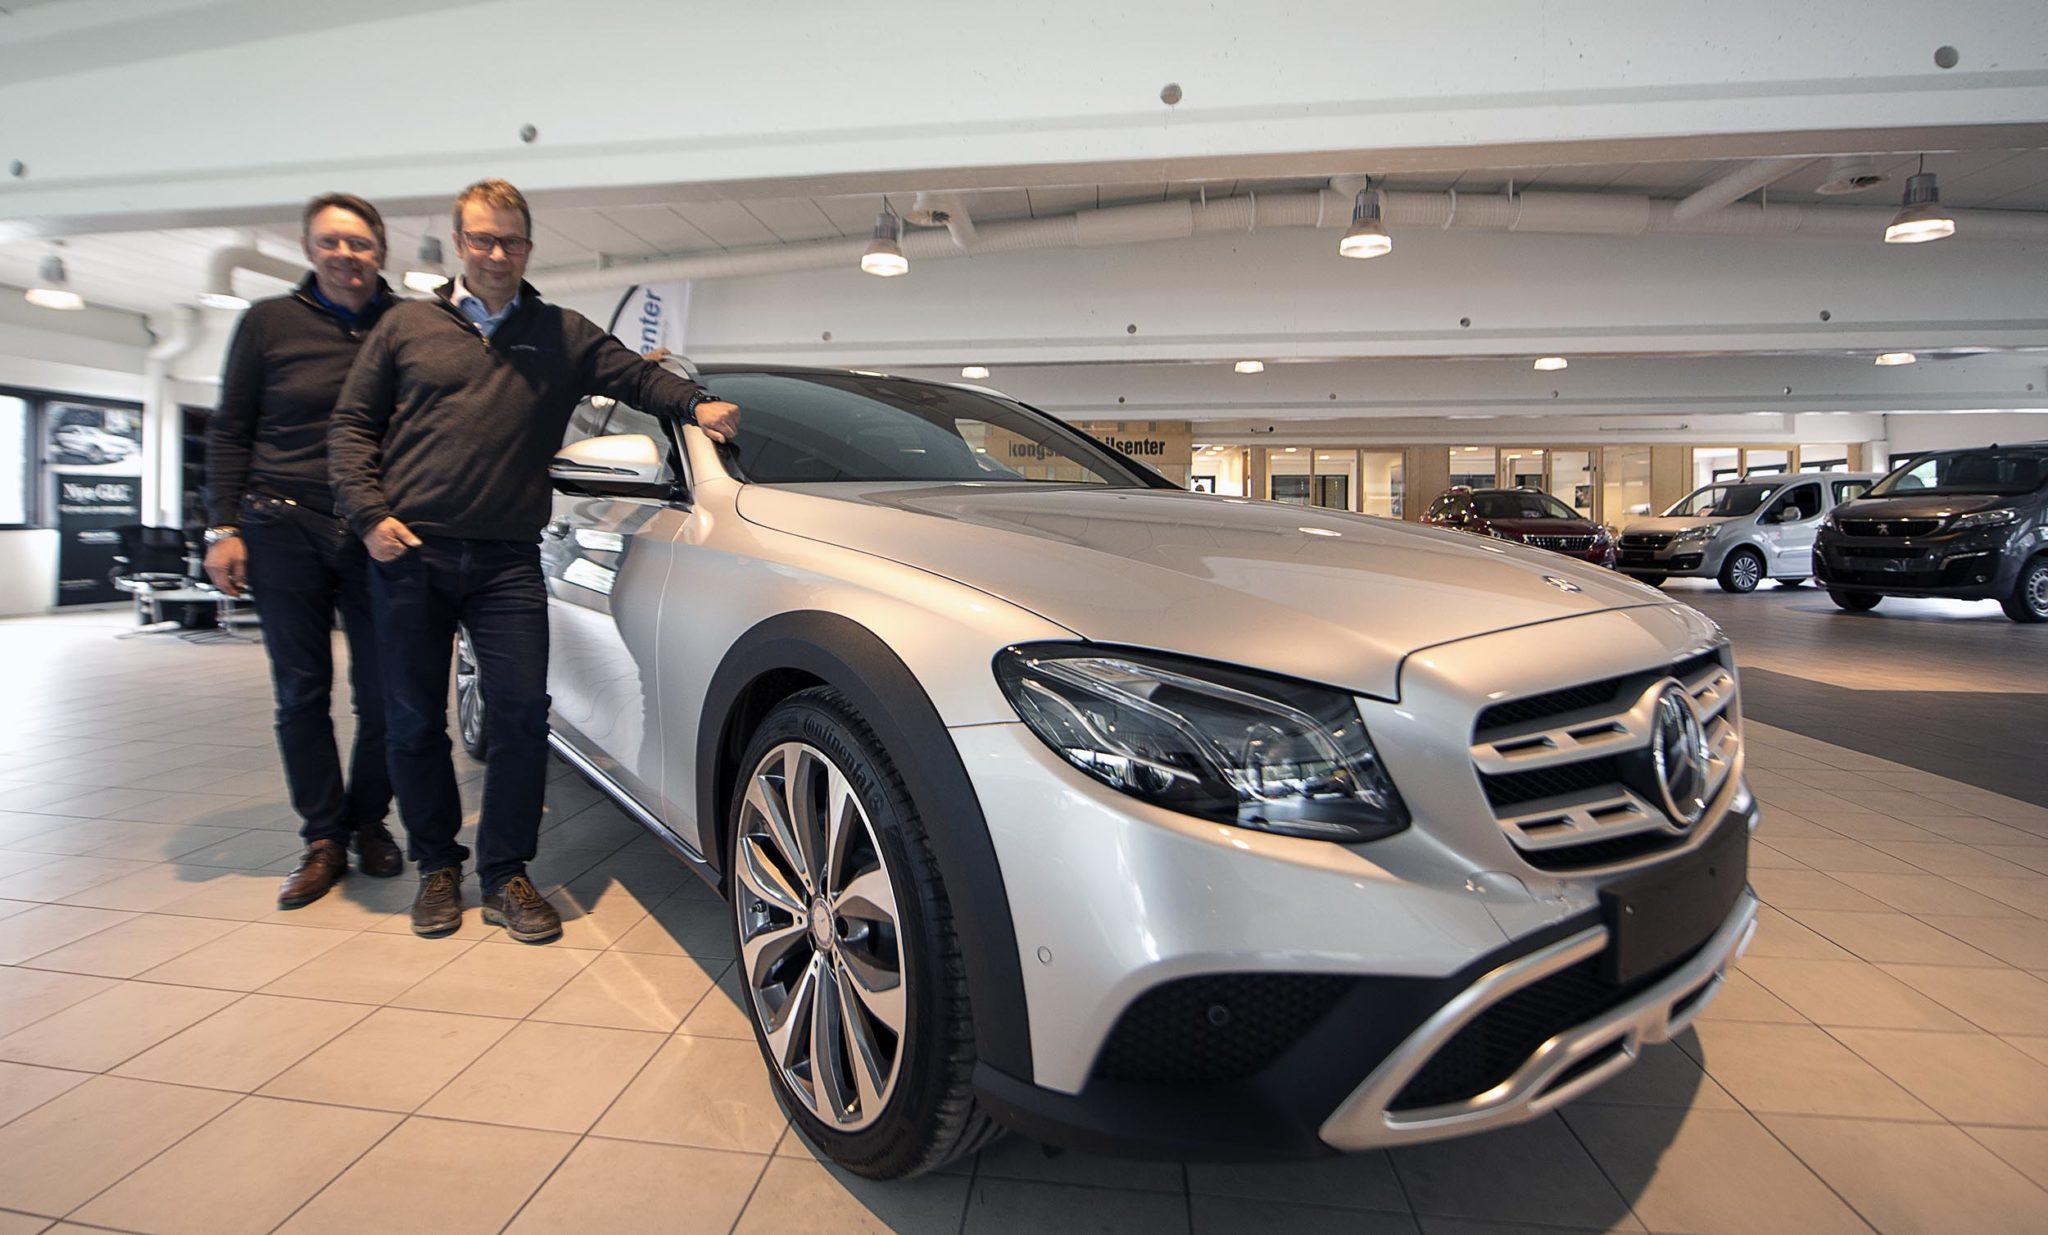 Store forventninger: Daglig leder Roger Hagen og salgsansvarlig Leif Olsen hos Kongsberg Bilsenter har store forventninger til nye Mercedes E-Klasse All-Terrain. Foto: Bjørn Isaksen